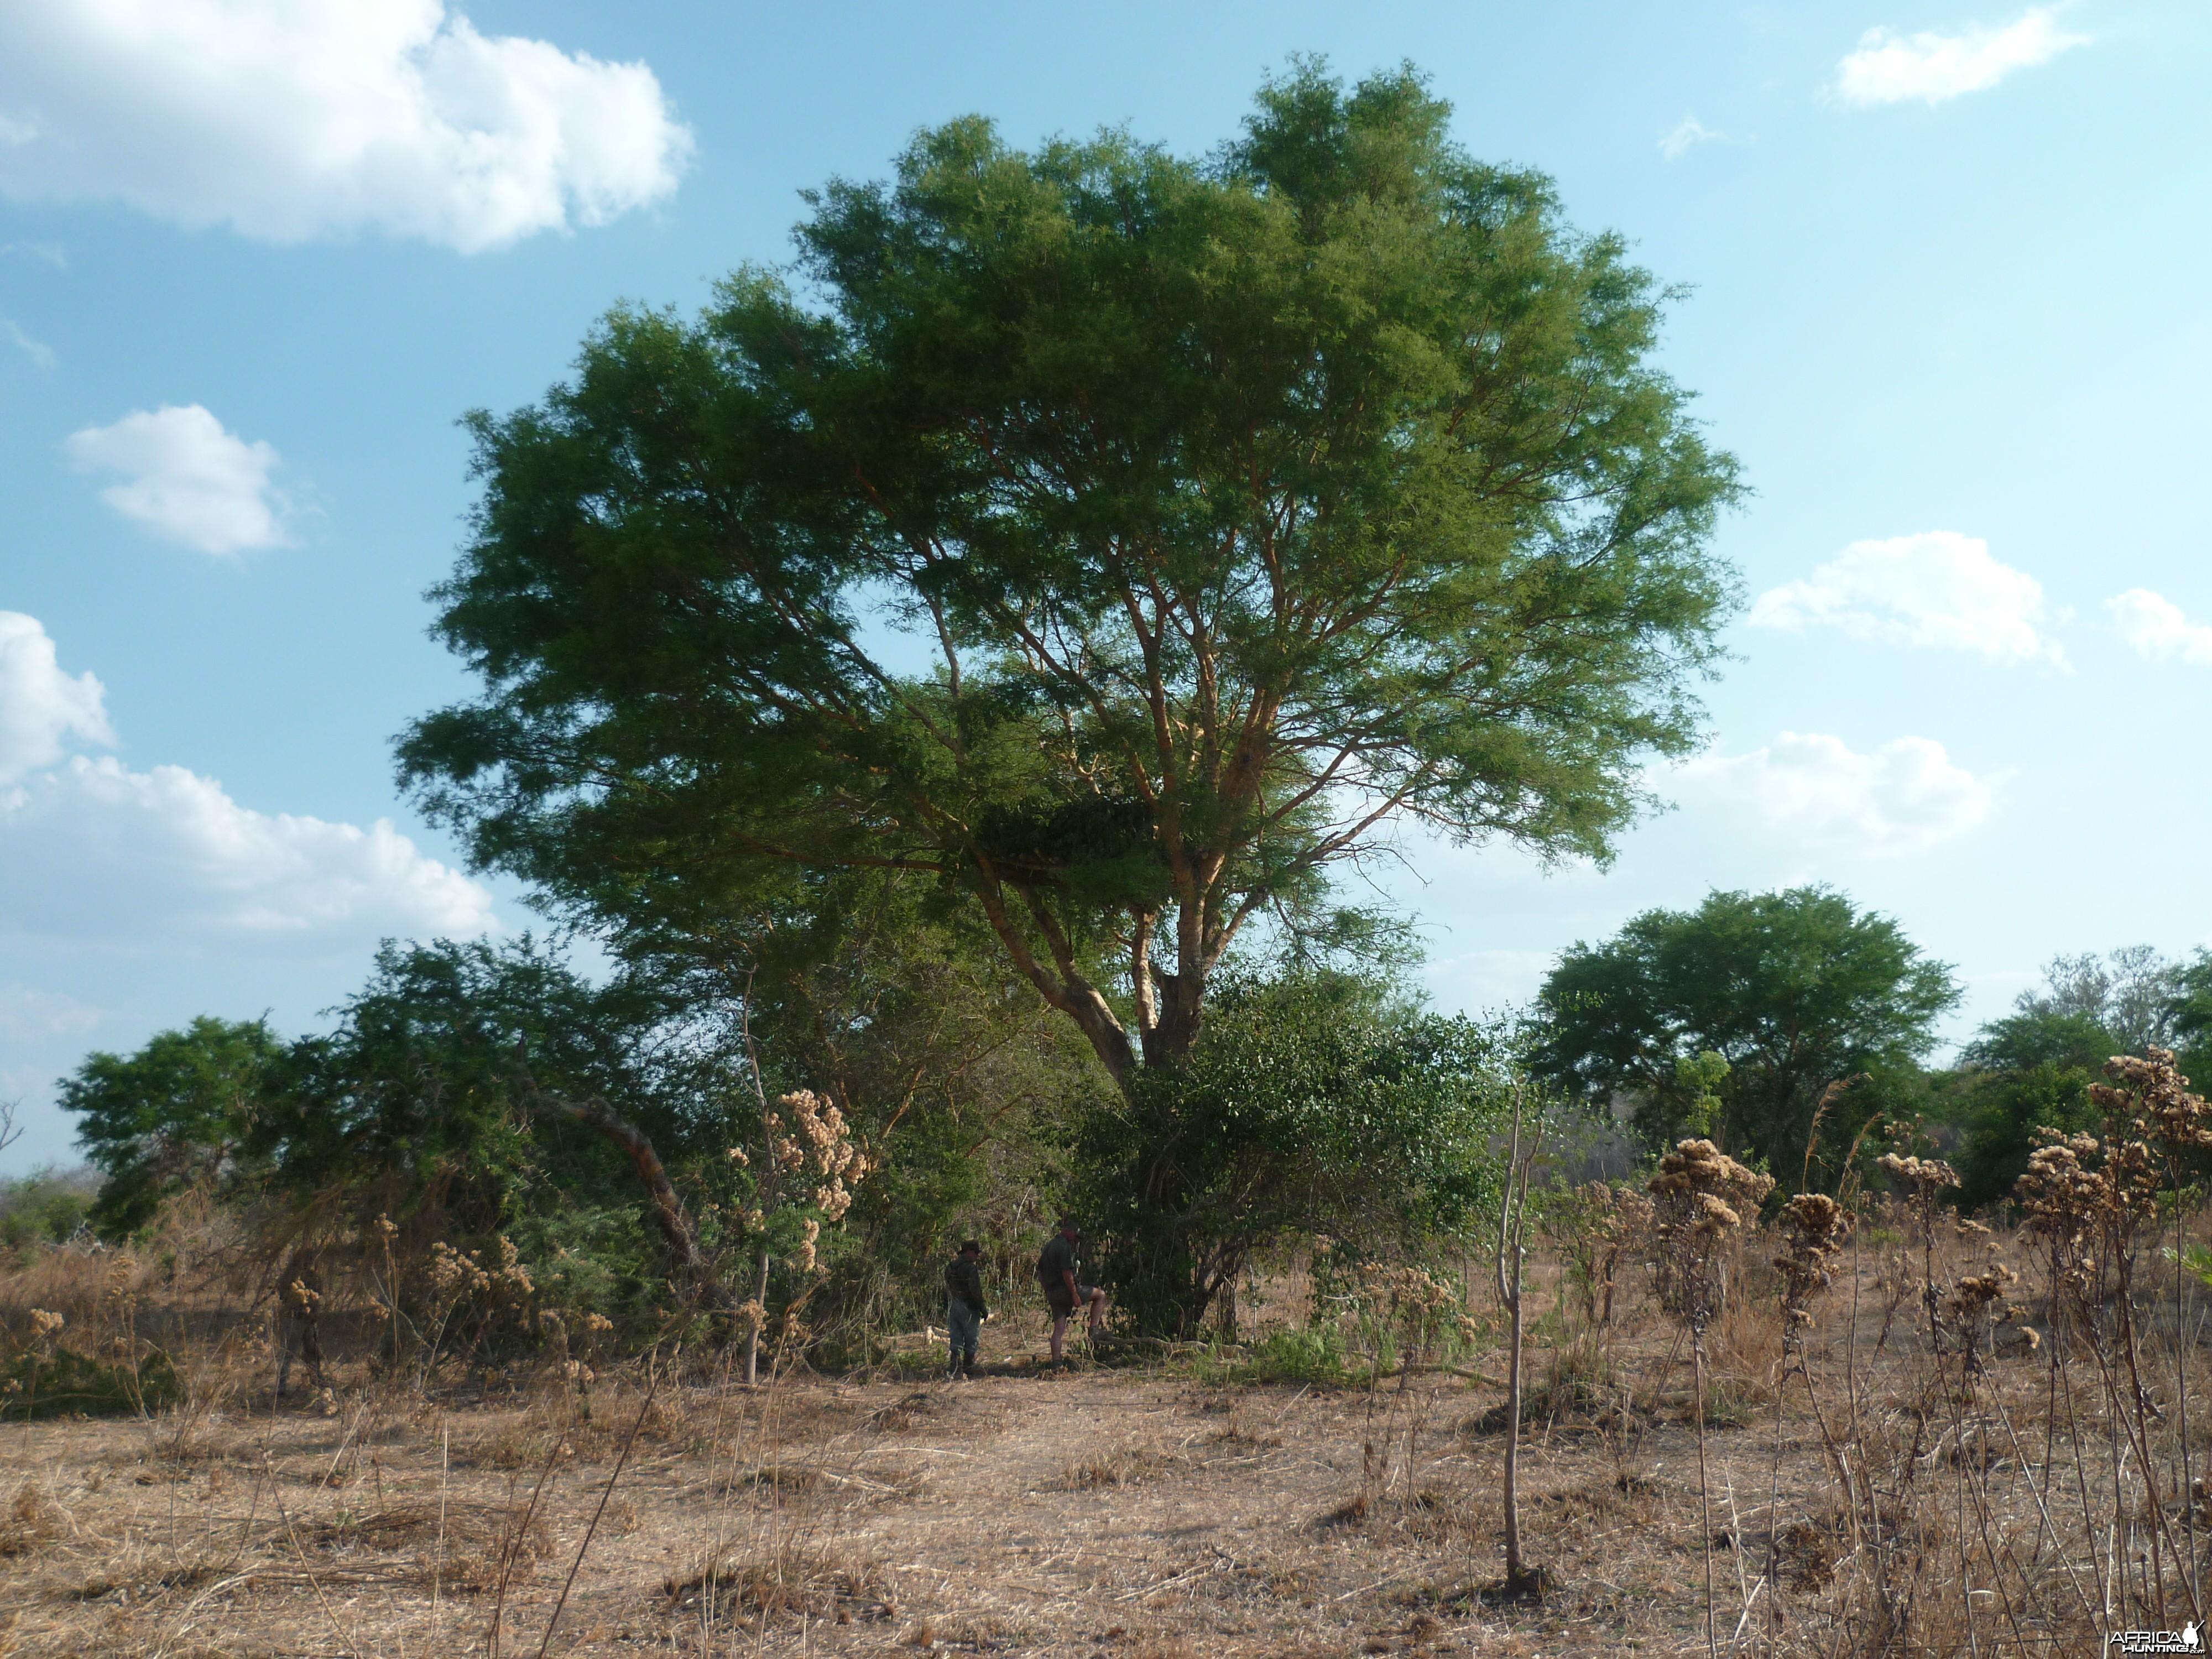 Hunting blind in Tanzania